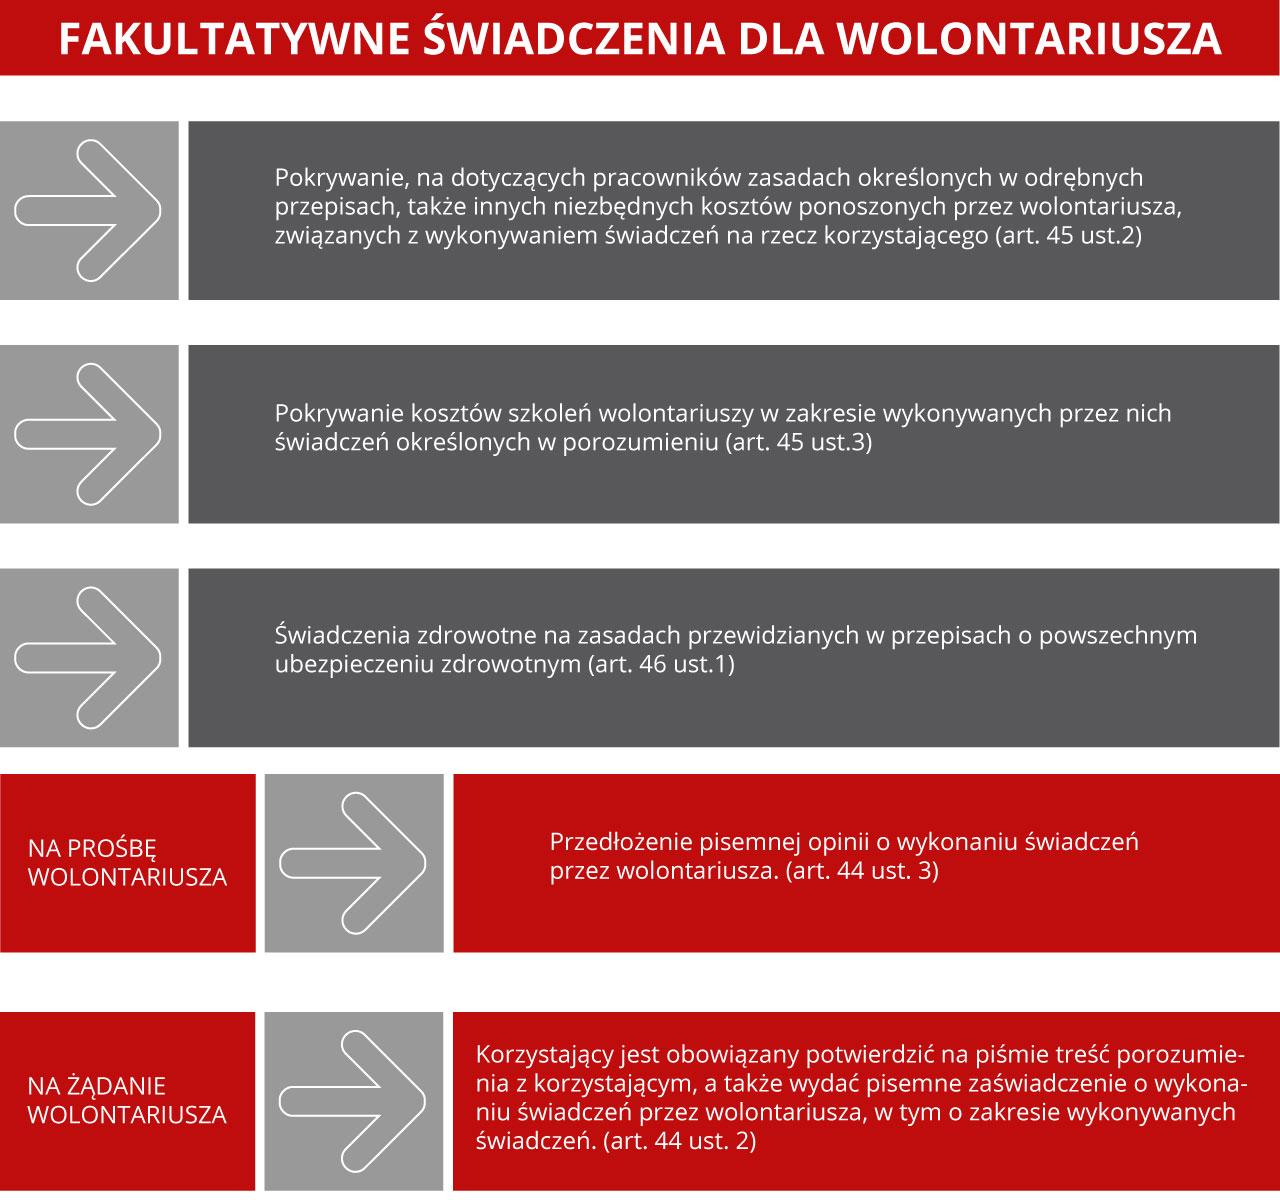 fakultatywne_swiadczenia